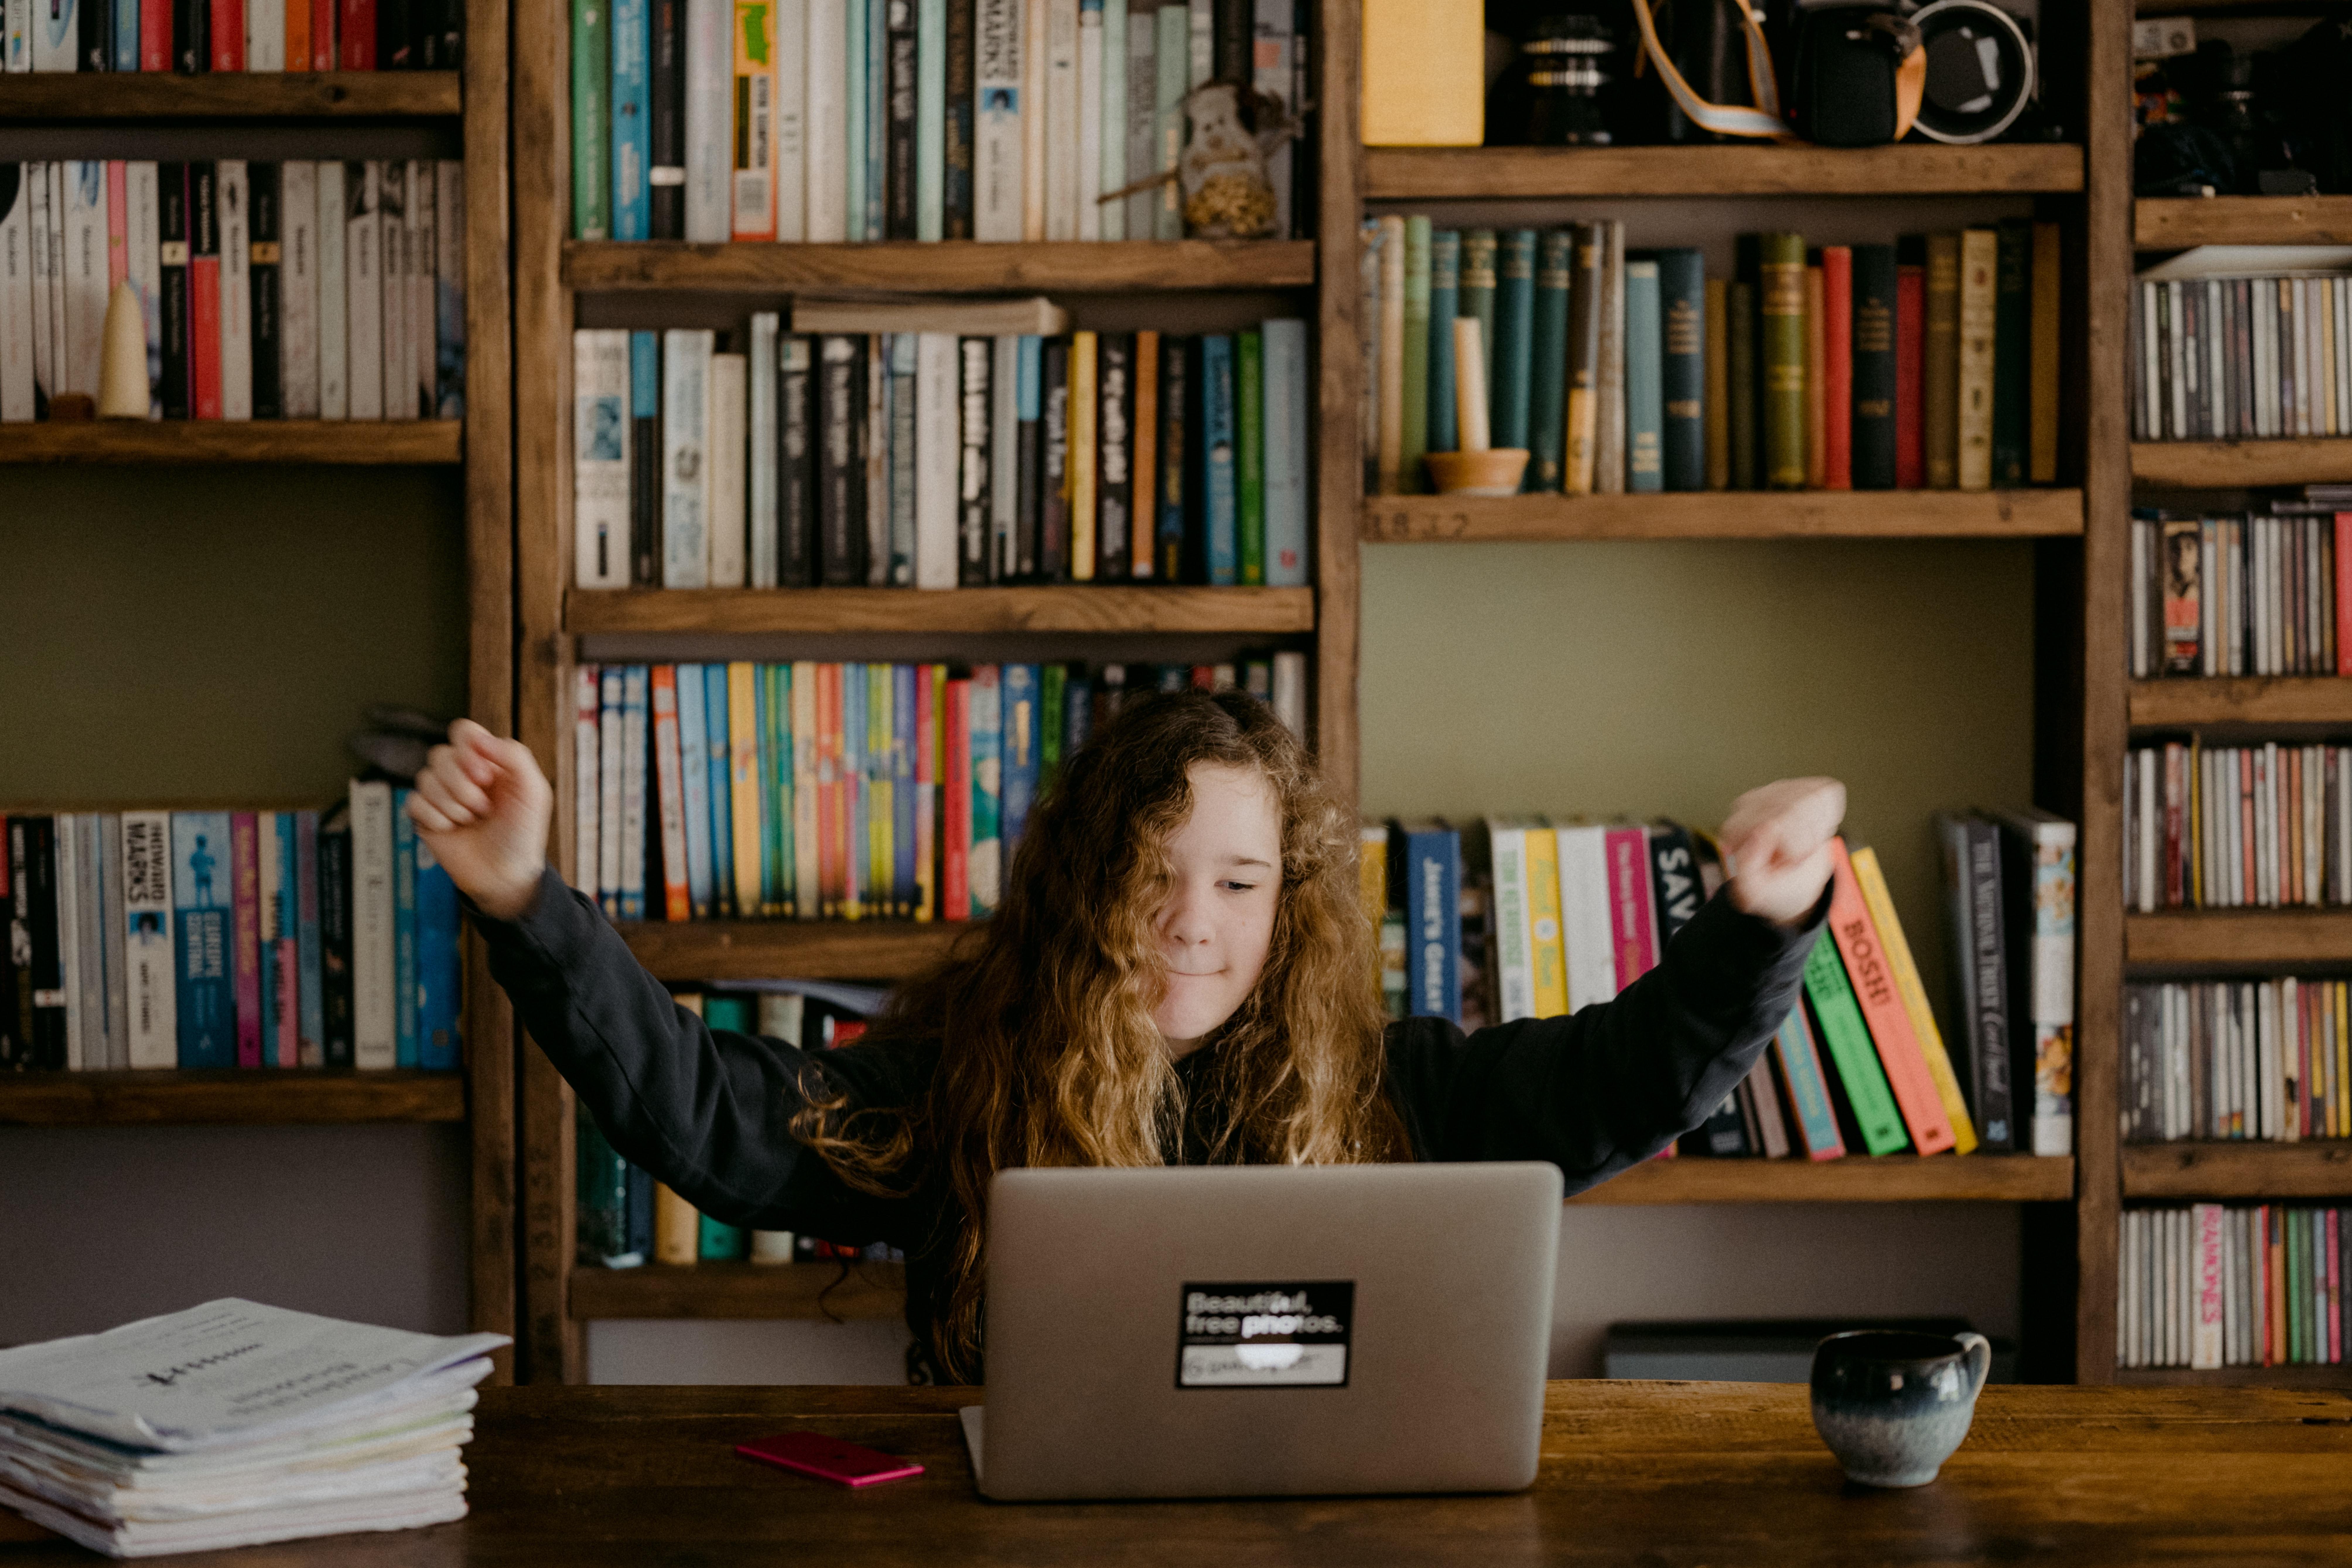 Cursos de idiomas academia virtual en verano ingles y frances